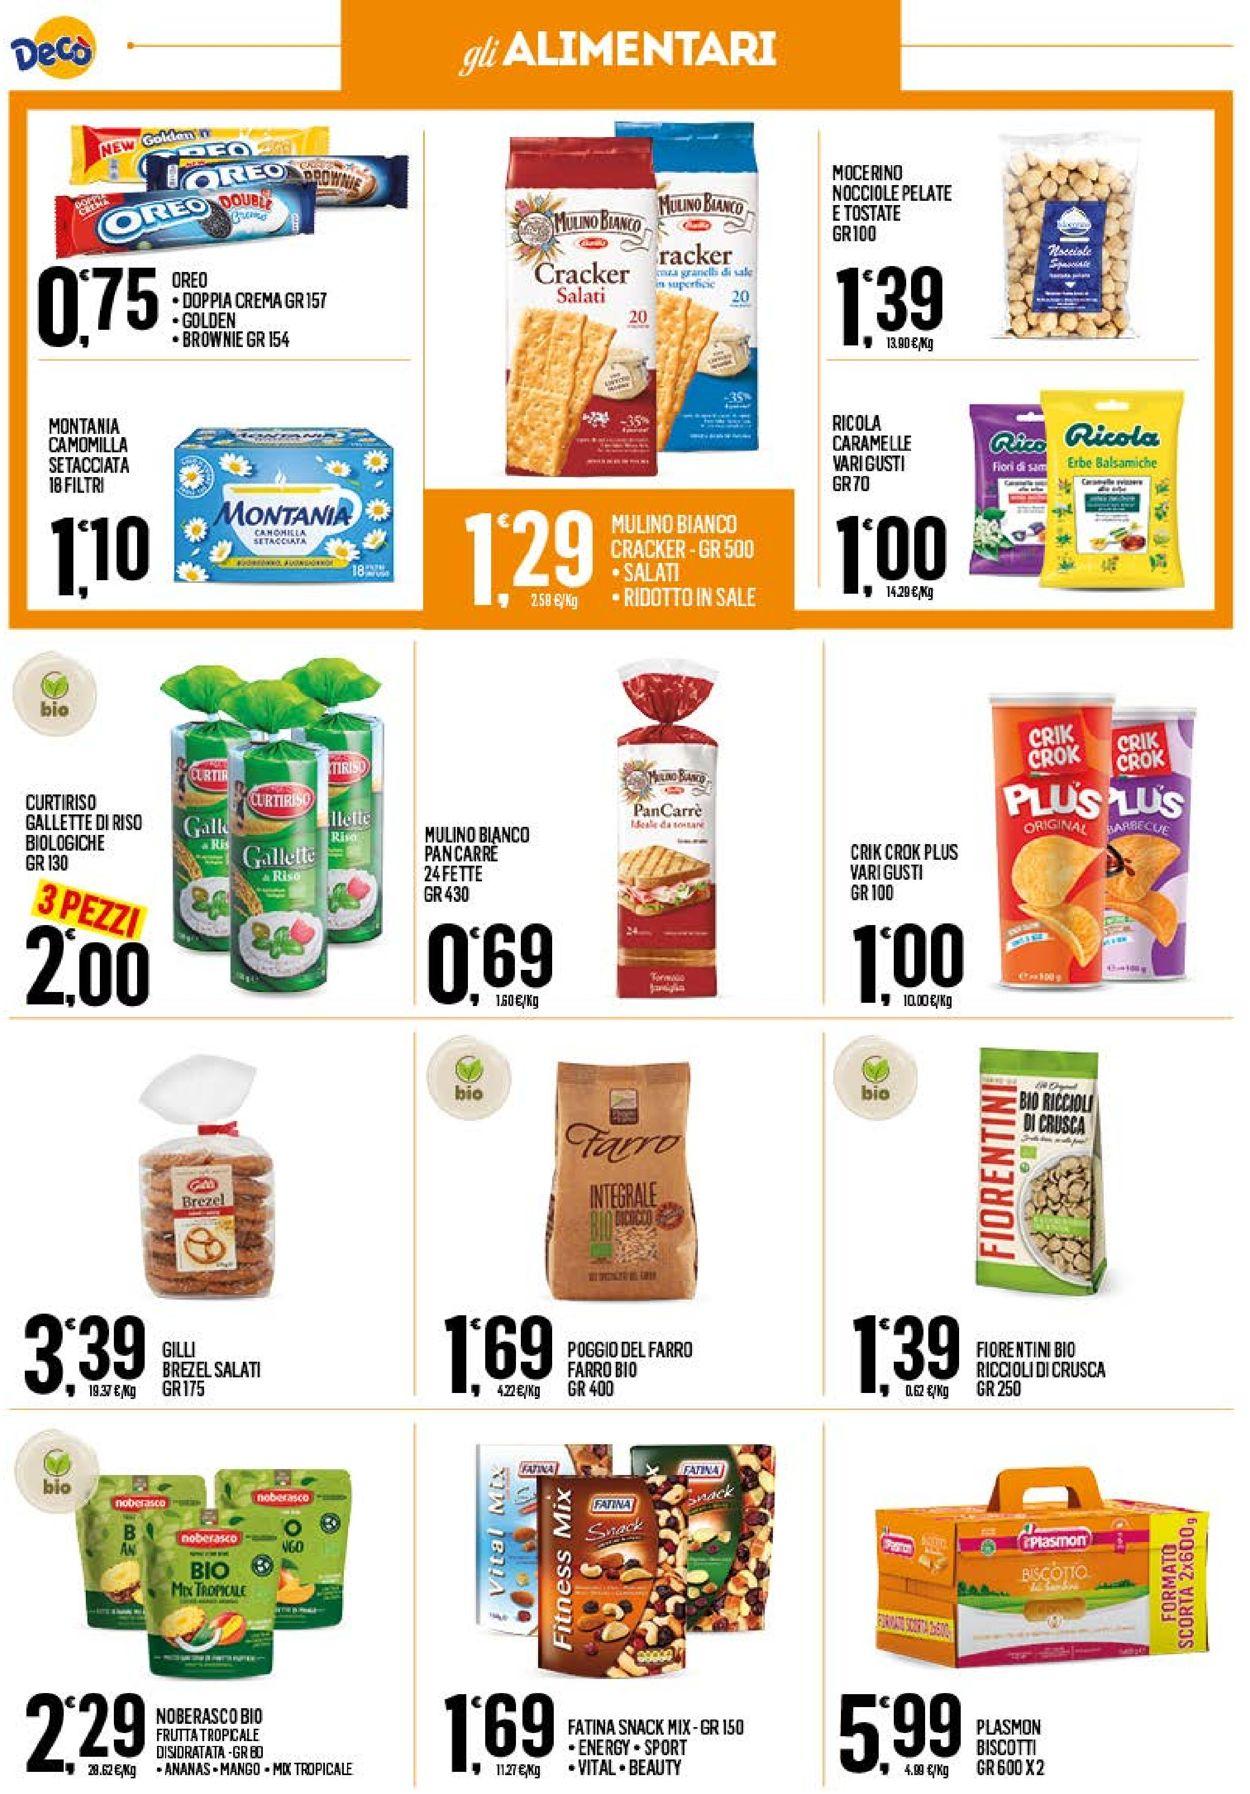 Volantino Deco Supermercati - Offerte 29/01-08/02/2021 (Pagina 16)